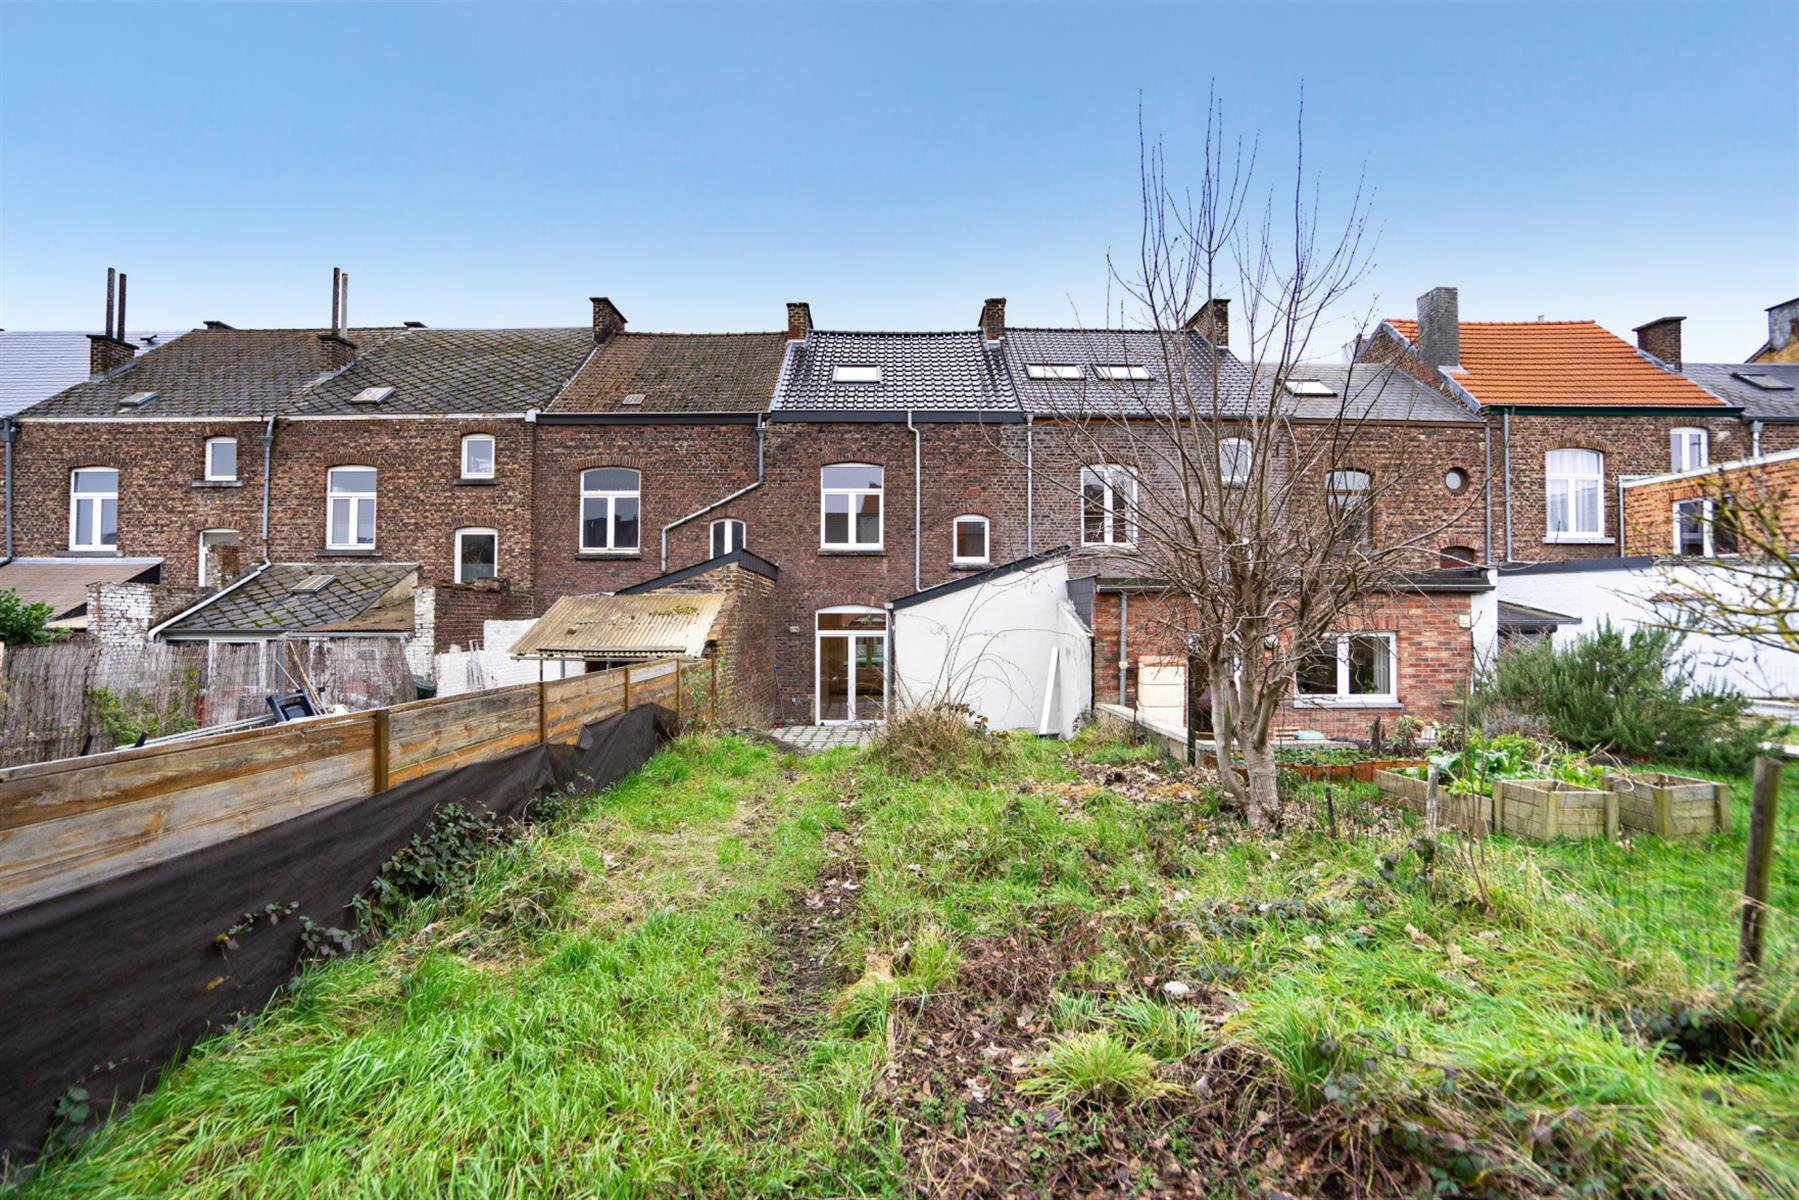 Maison - Namur Saint-Servais - #4251701-21